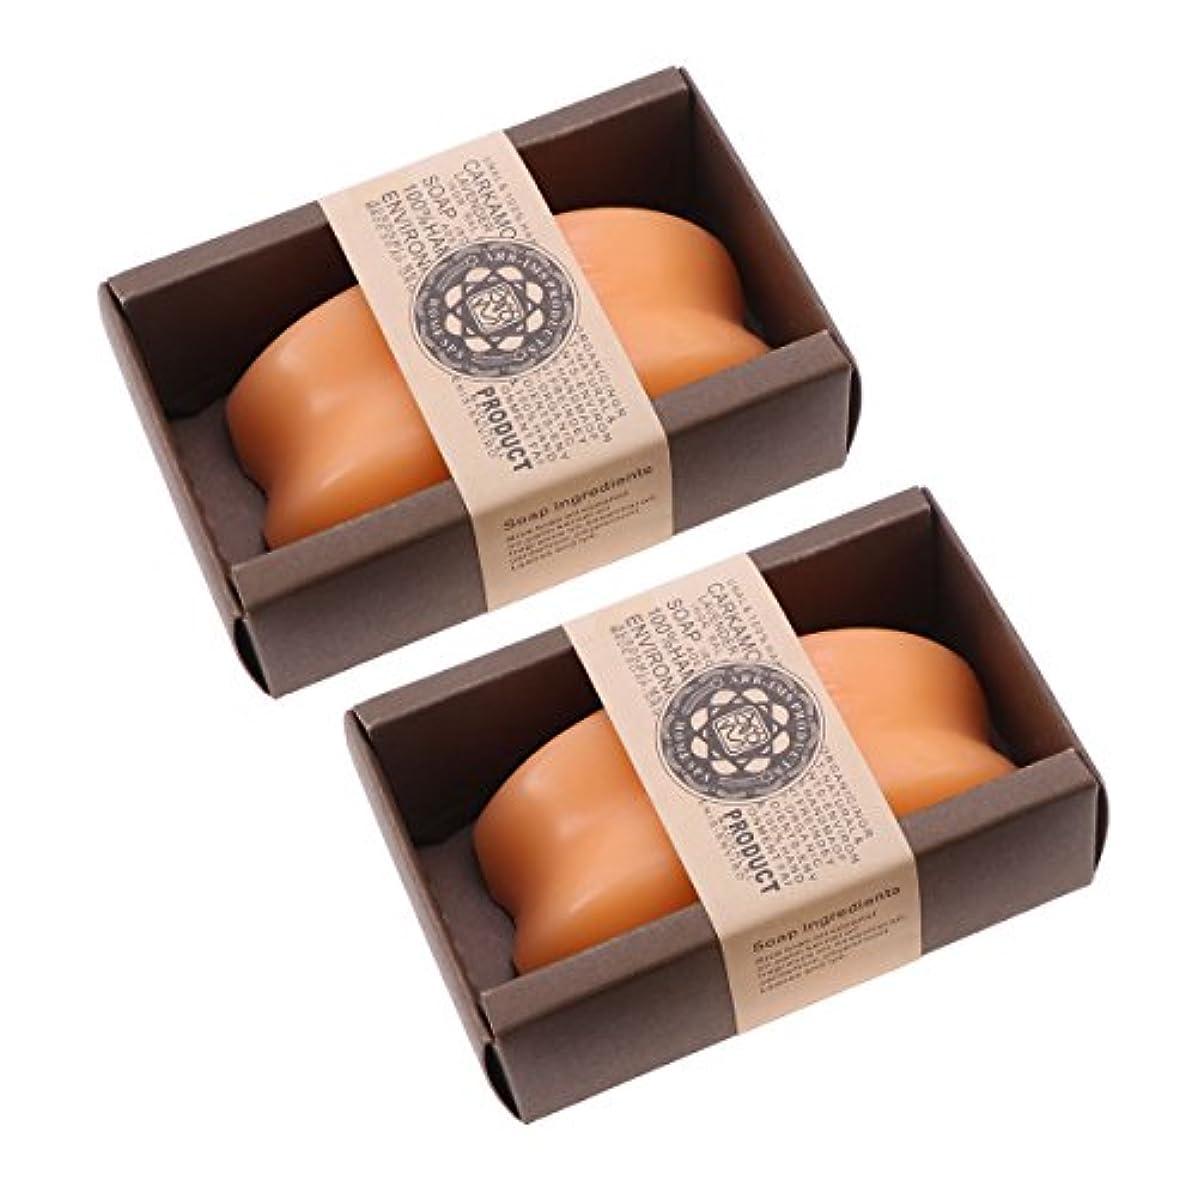 火肉の哀Lurrose パパイヤソープオーガニック手作りエッセンシャルオイルソープバーモイスチャライジングボディウォッシュソープ2個(オレンジ)